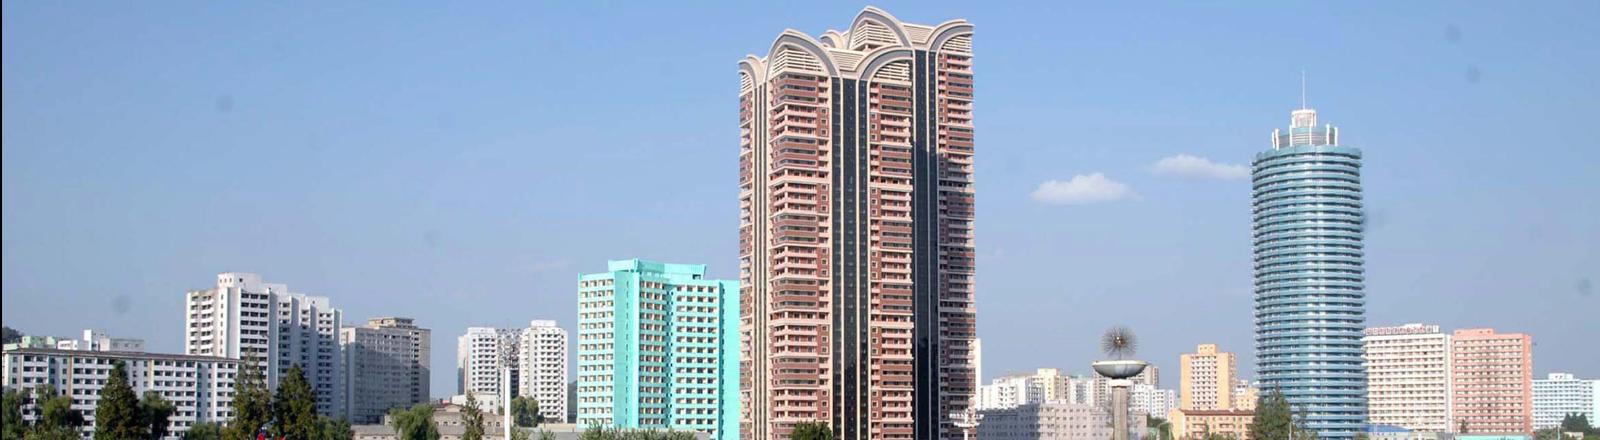 Die Silhouette von Pjöngjang mit einigen Hochhäusern